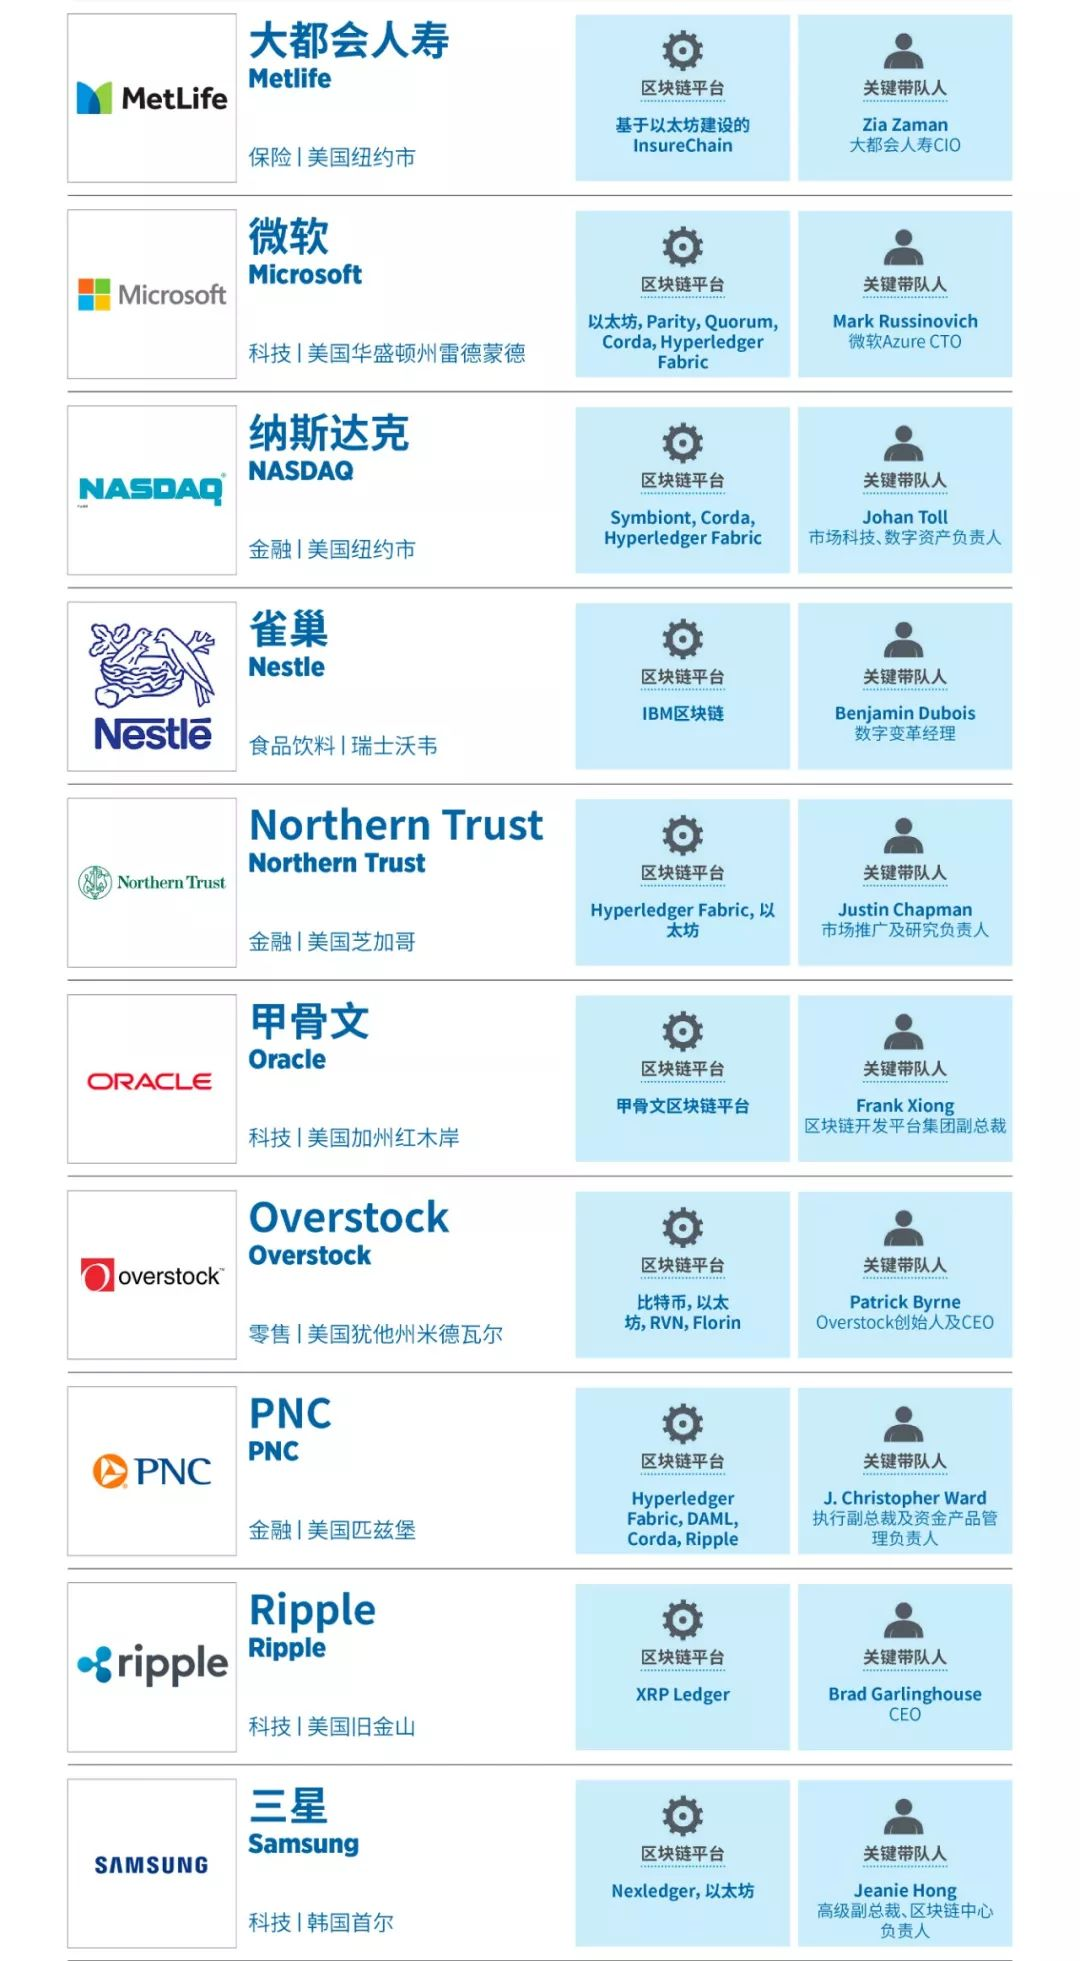 福布斯公布全球区块链50强 蚂蚁金服、富士康入选